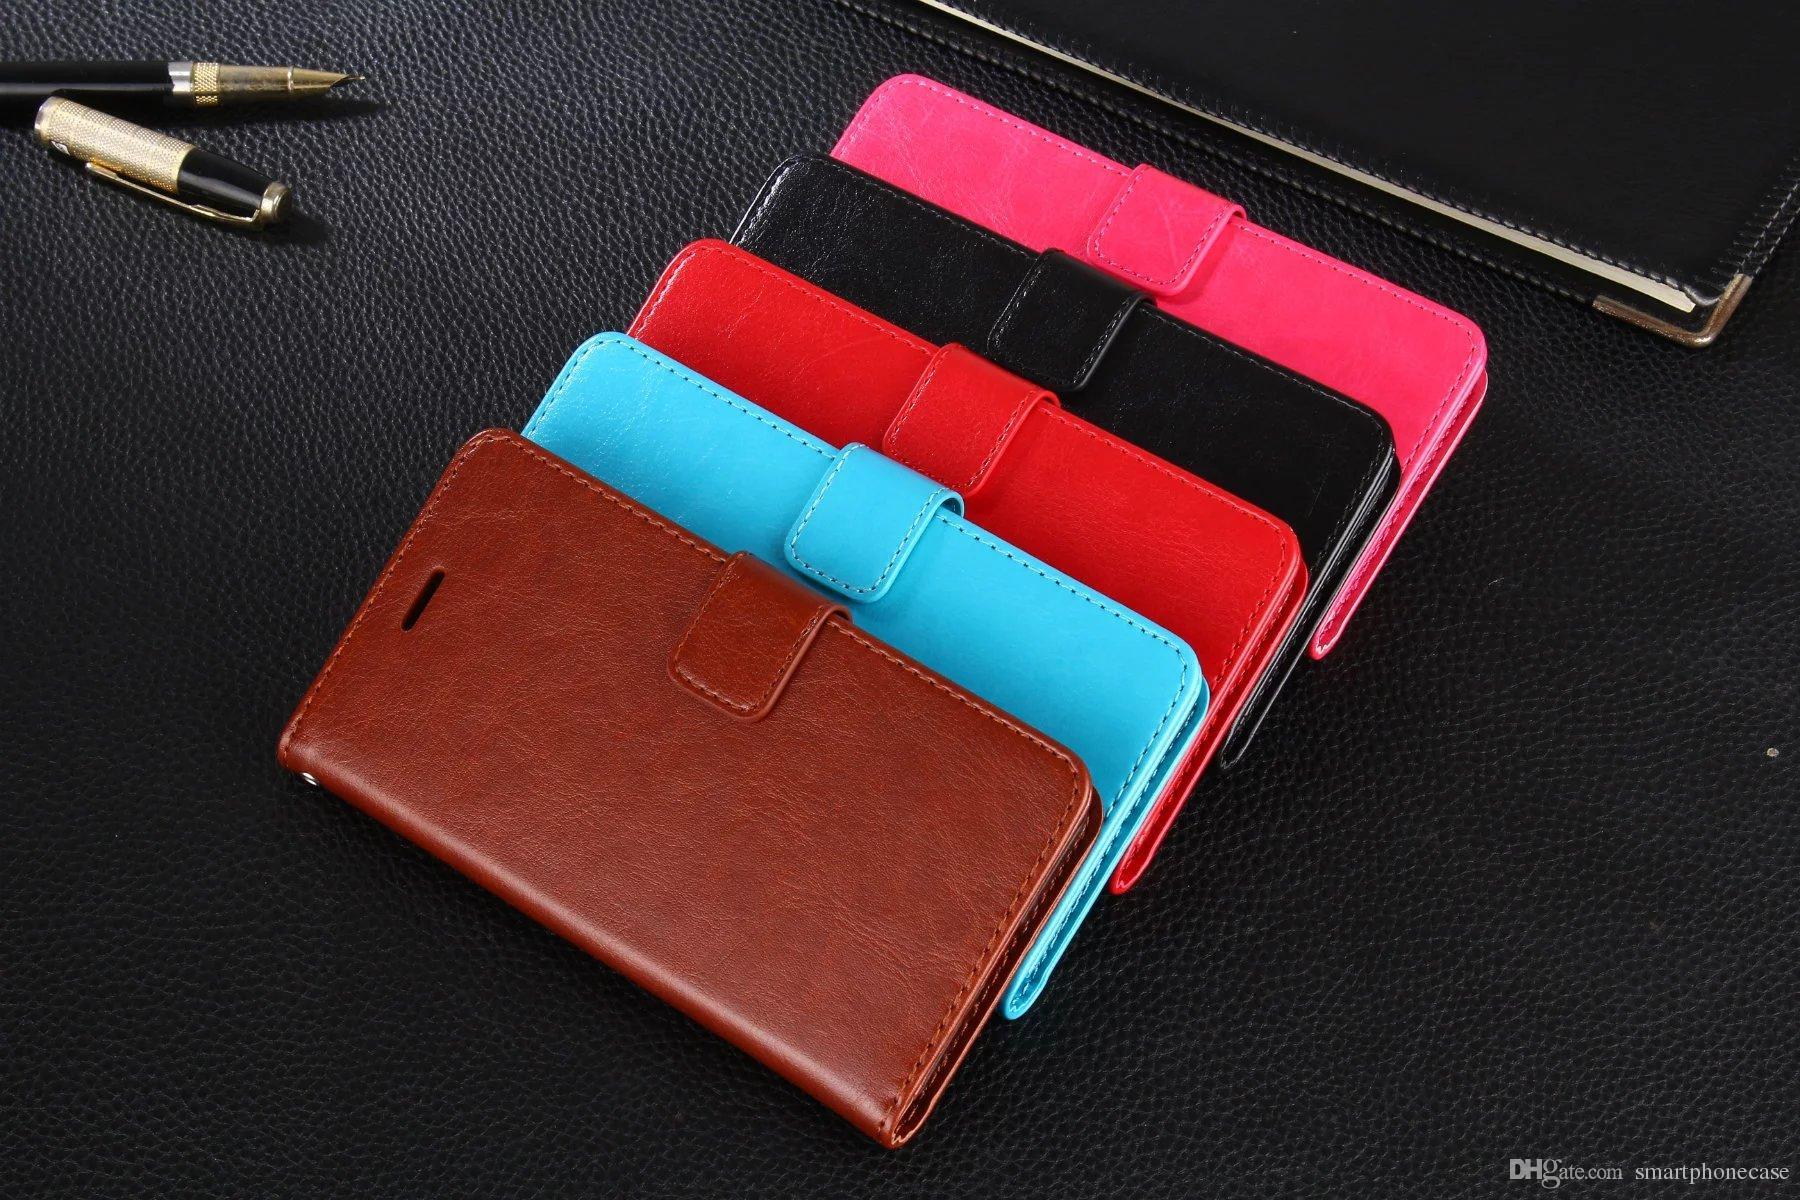 새로운 BBK Vivo V3 Max 케이스 커버의 새로운 럭셔리 BBK Vivo V3 Max의 럭셔리 컬러 풀 한 오리지널 슬림 플립 지갑 가죽 케이스